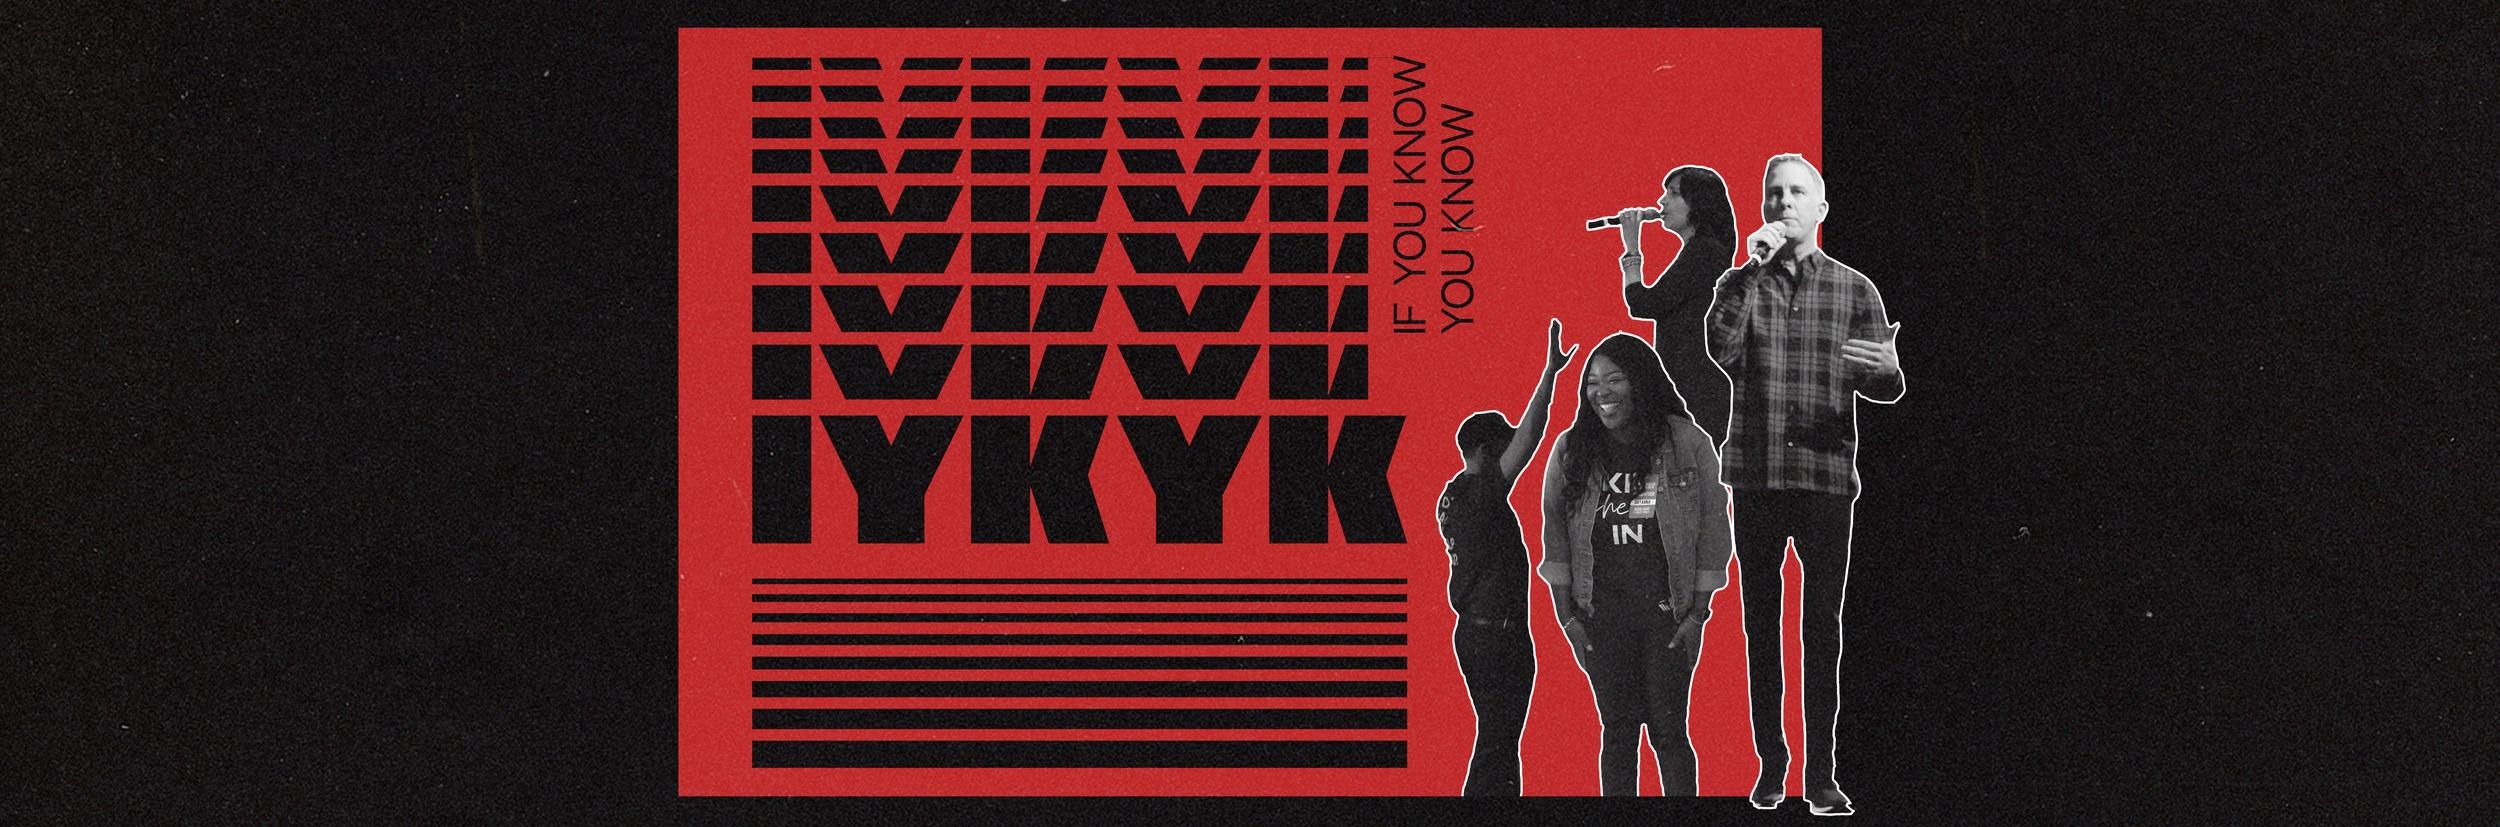 IYKYK+Main+1+%281%29.jpg